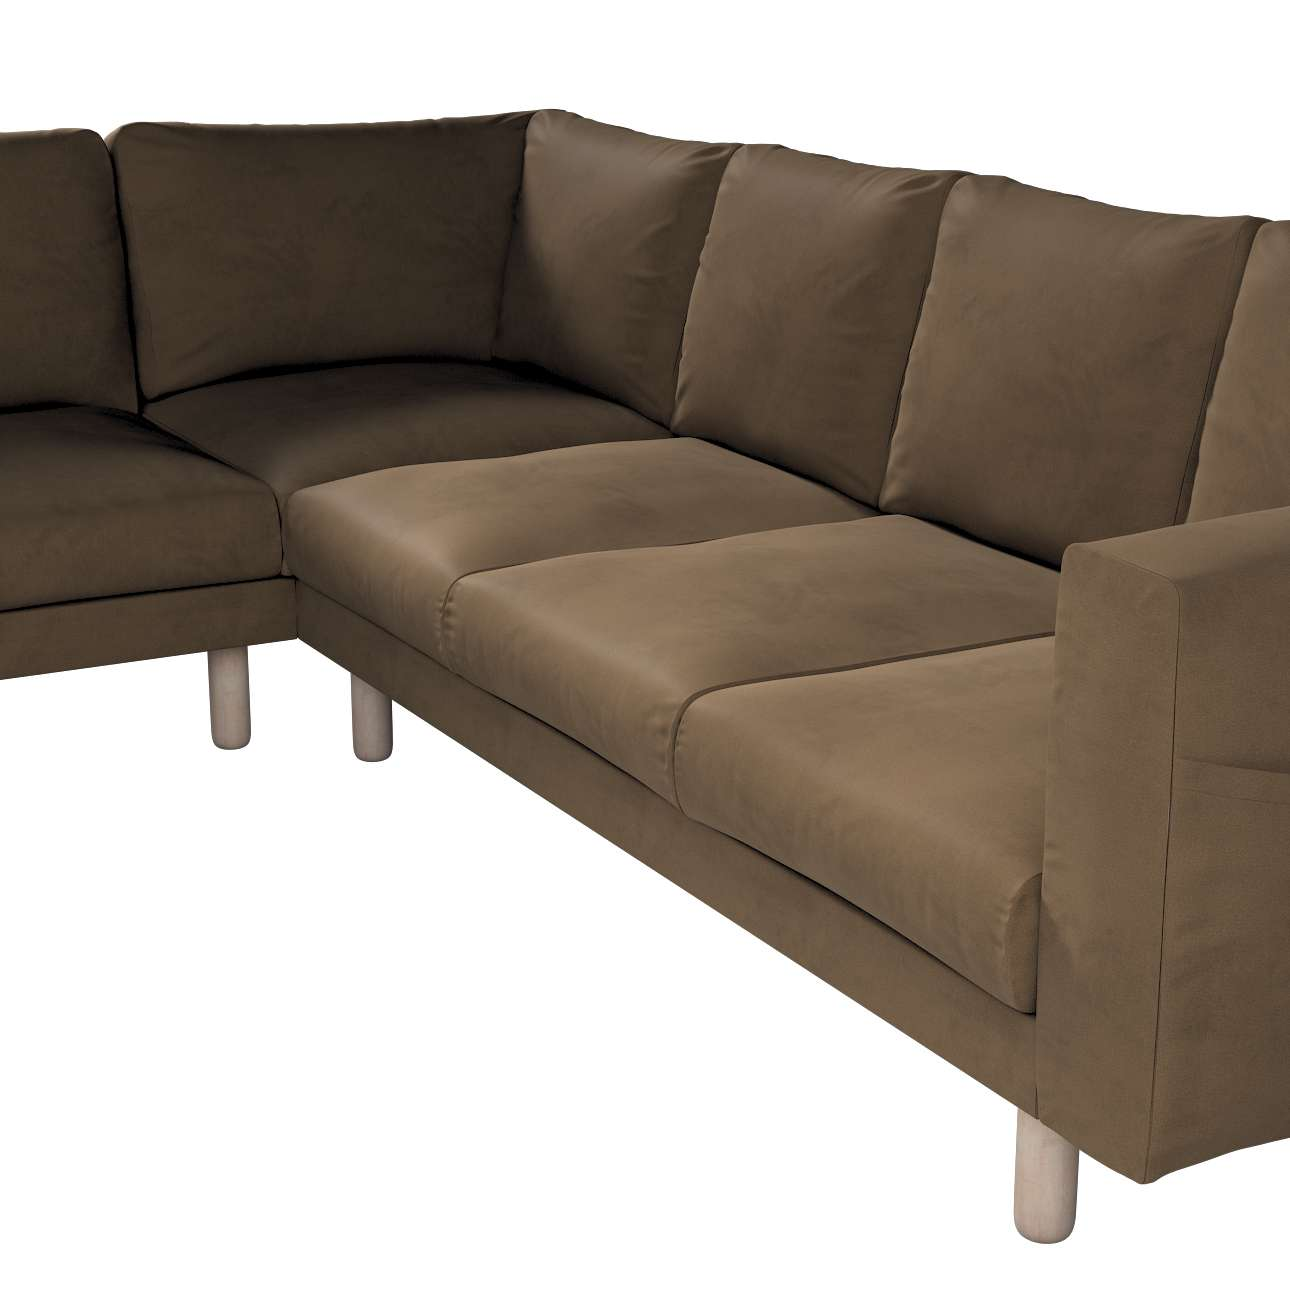 Pokrowiec na sofę narożną Norsborg 5-osobową w kolekcji Living, tkanina: 160-94